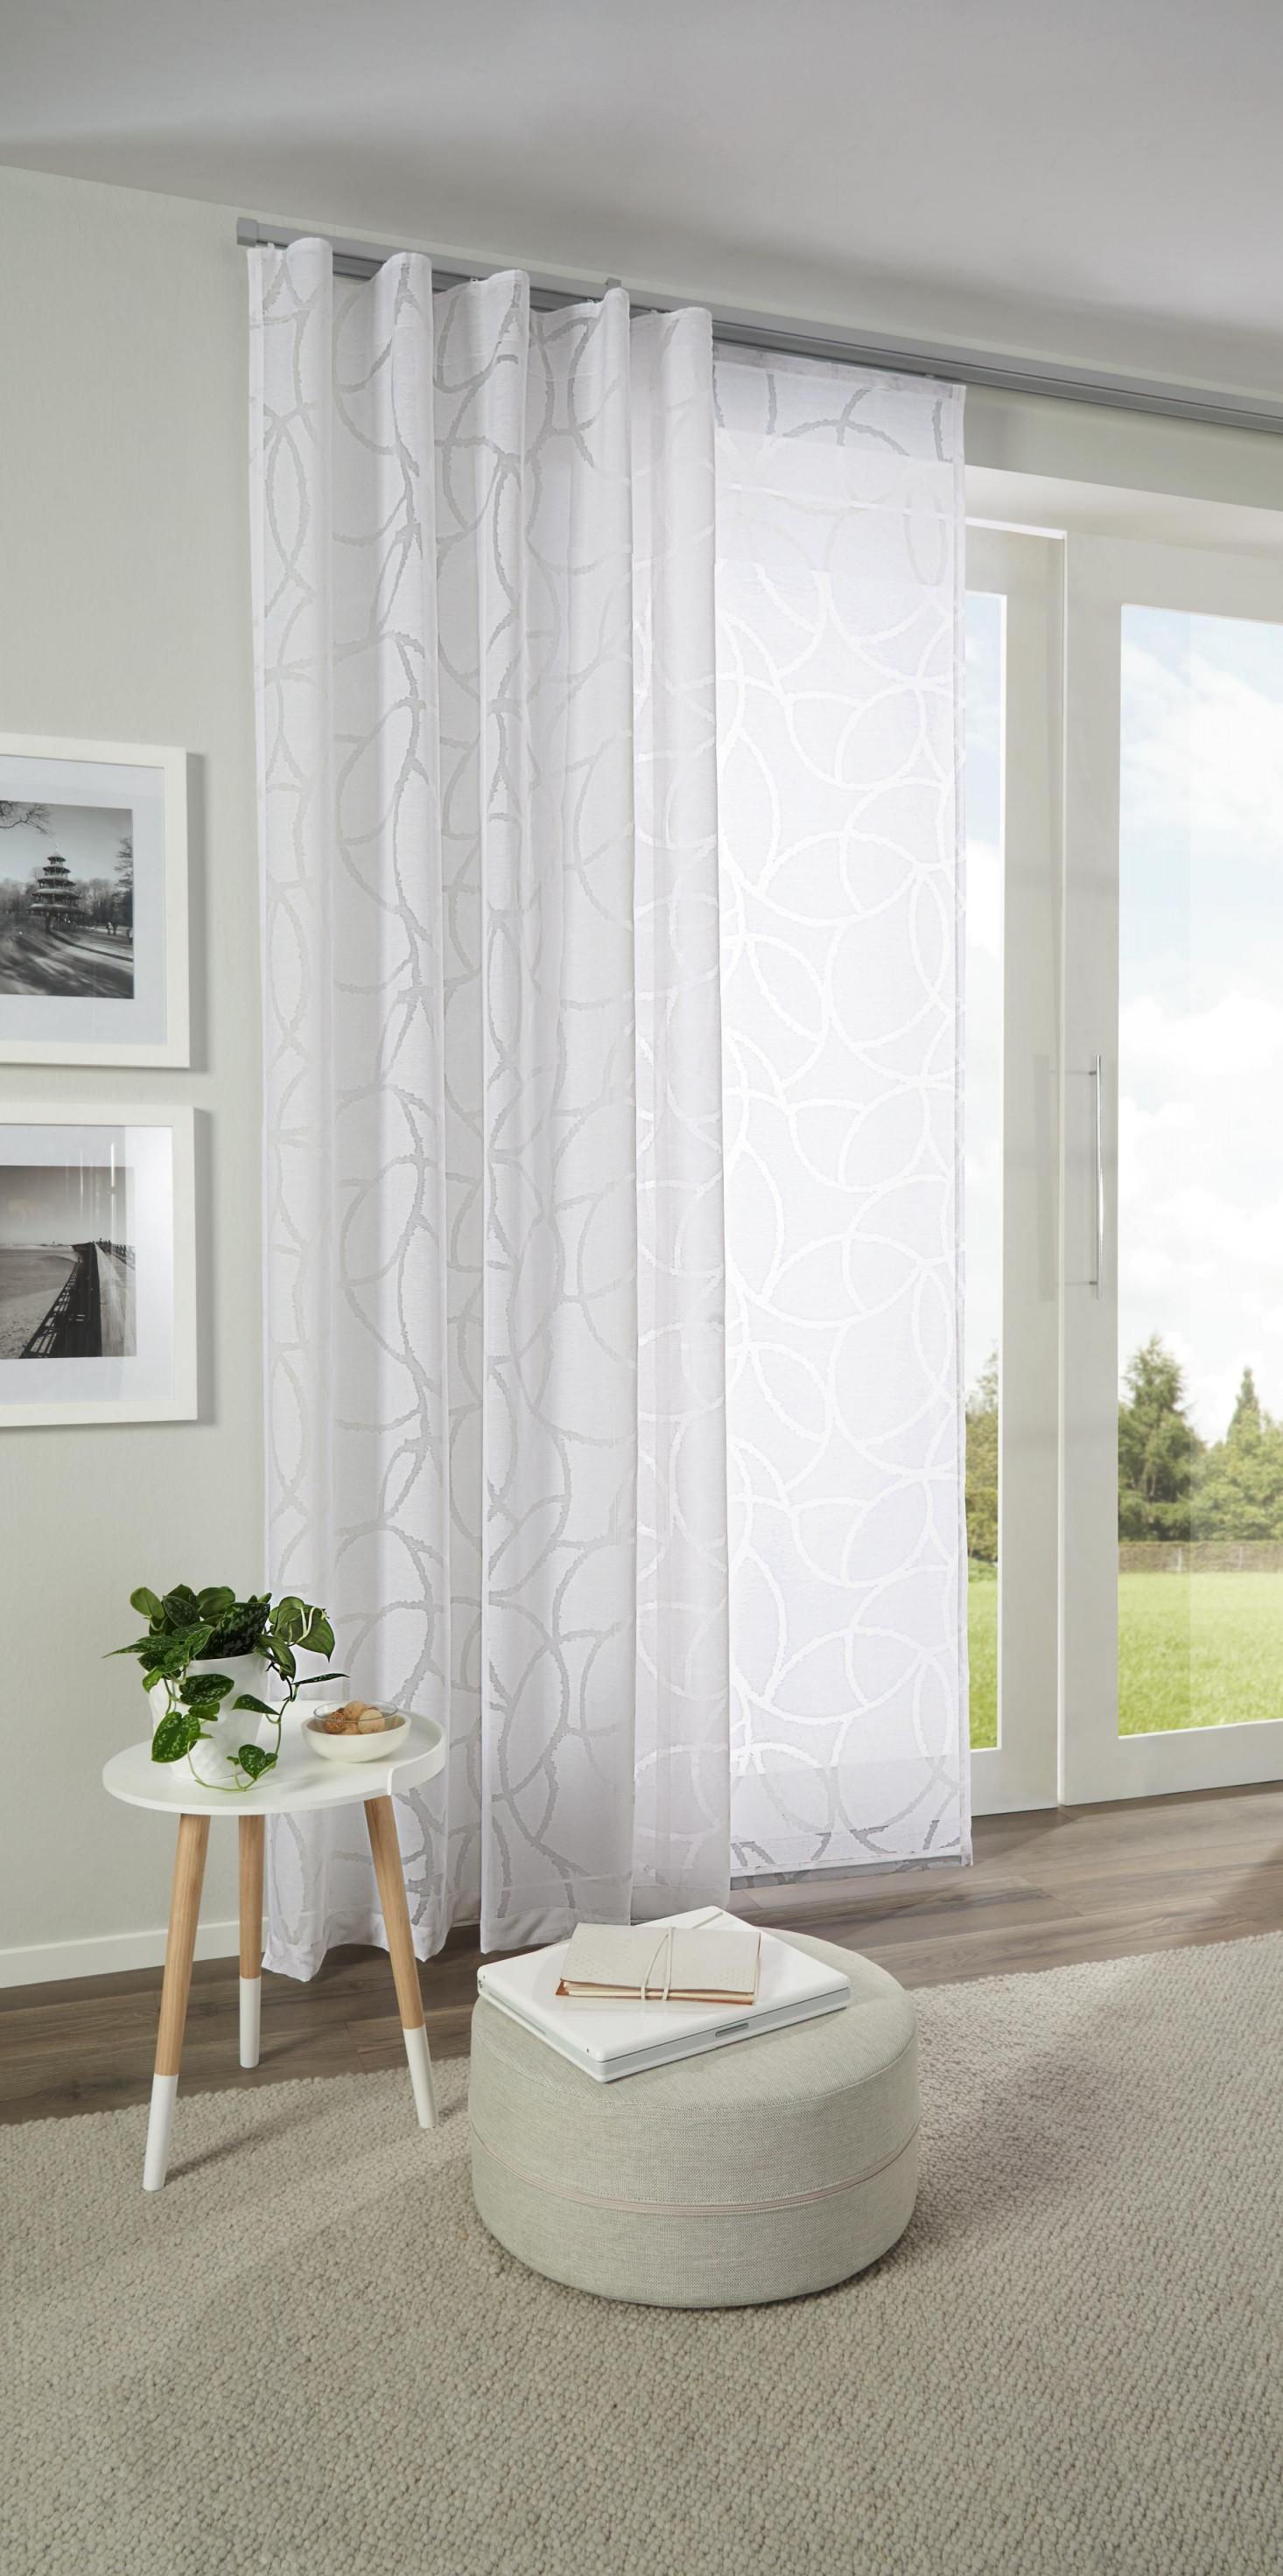 Hübscher Vorhang Mit Zartem Muster In Weiß Von Esposa von Gardinen Weiß Wohnzimmer Bild